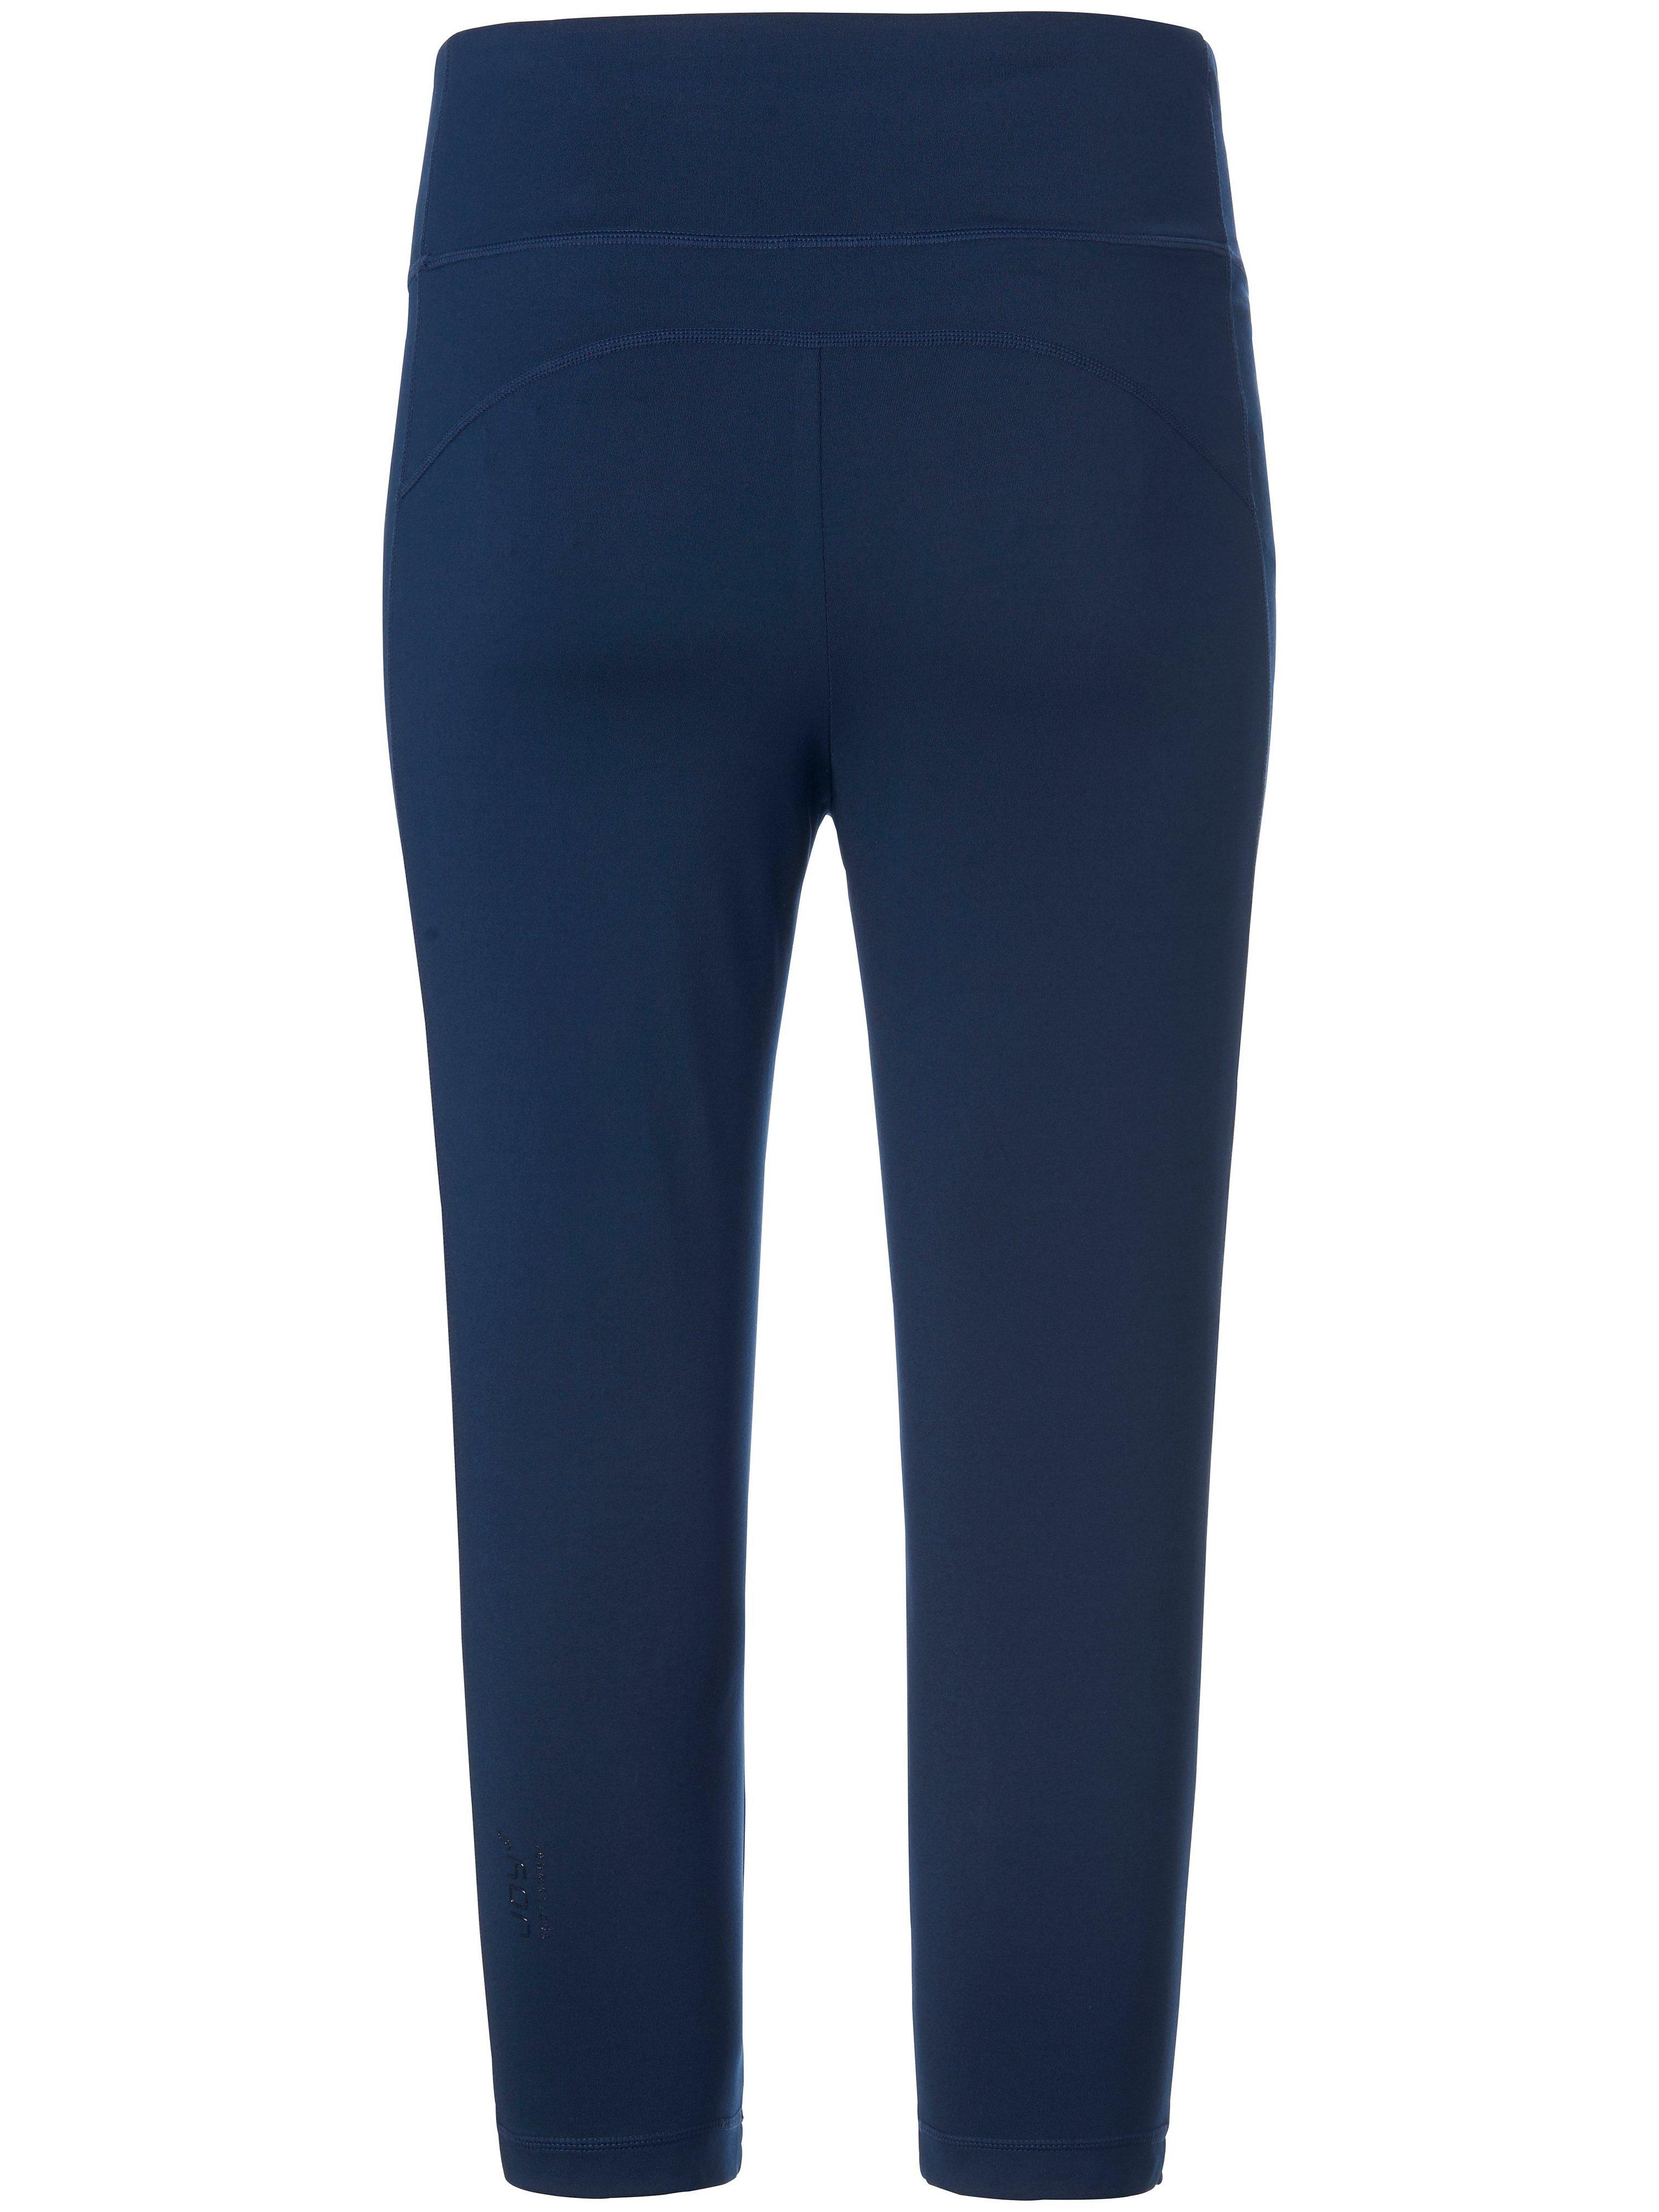 Capribuks BodyFit light - model Nadine Fra JOY Sportswear blå